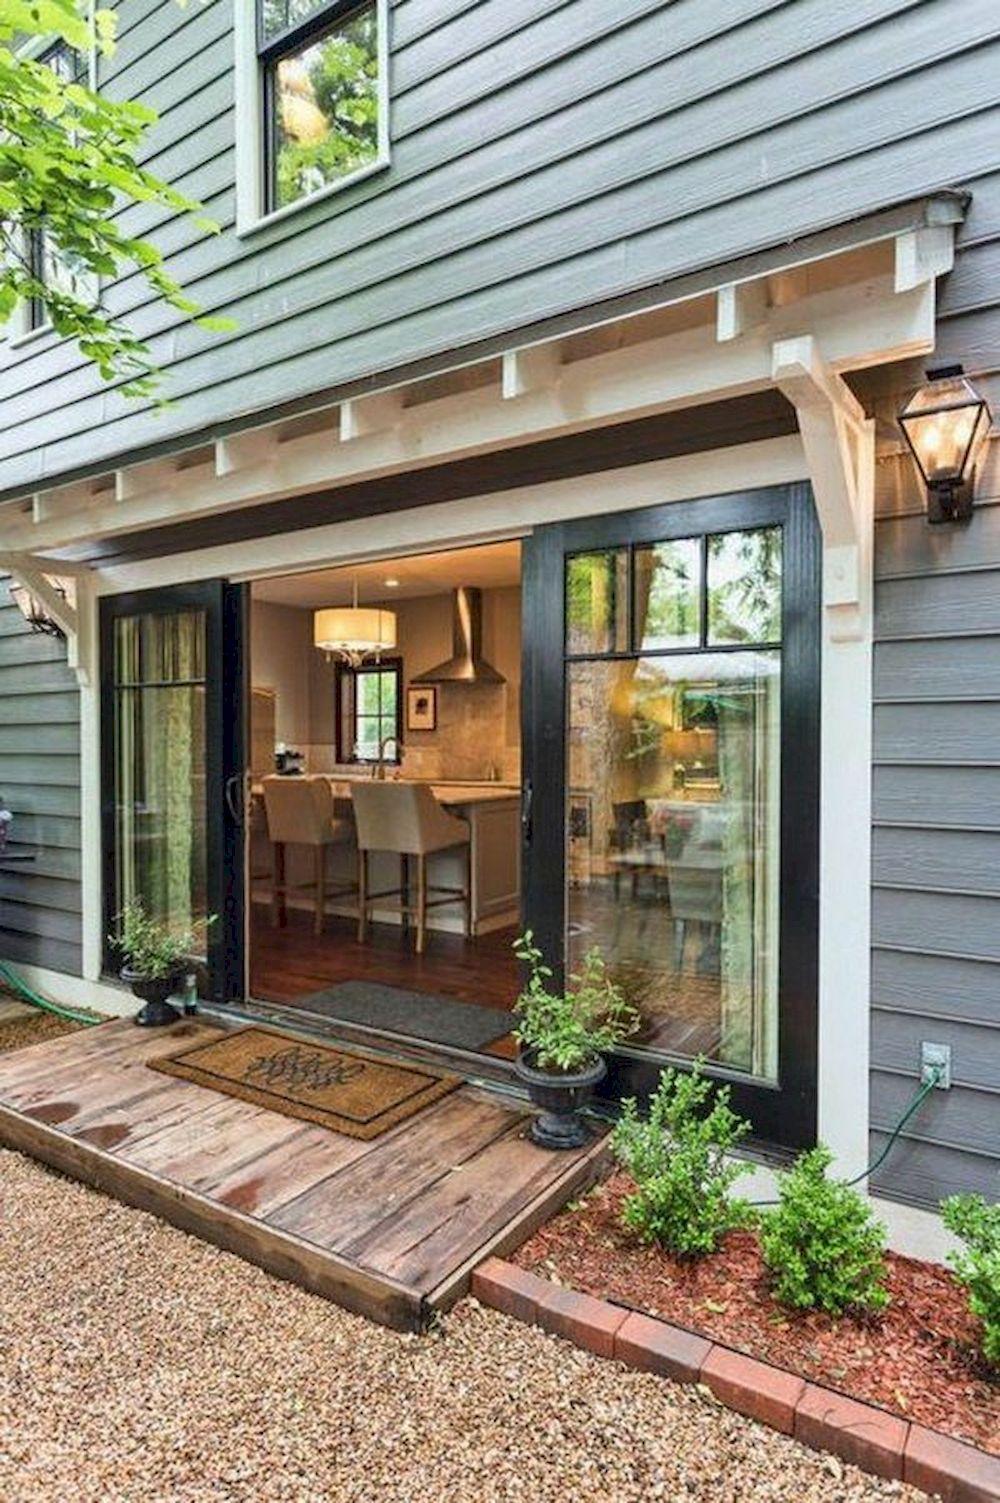 Sliding Door Room Dividers And Patio Doors0020 Home Exin In 2020 Modern Farmhouse Exterior Patio Door Coverings Sliding Doors Exterior